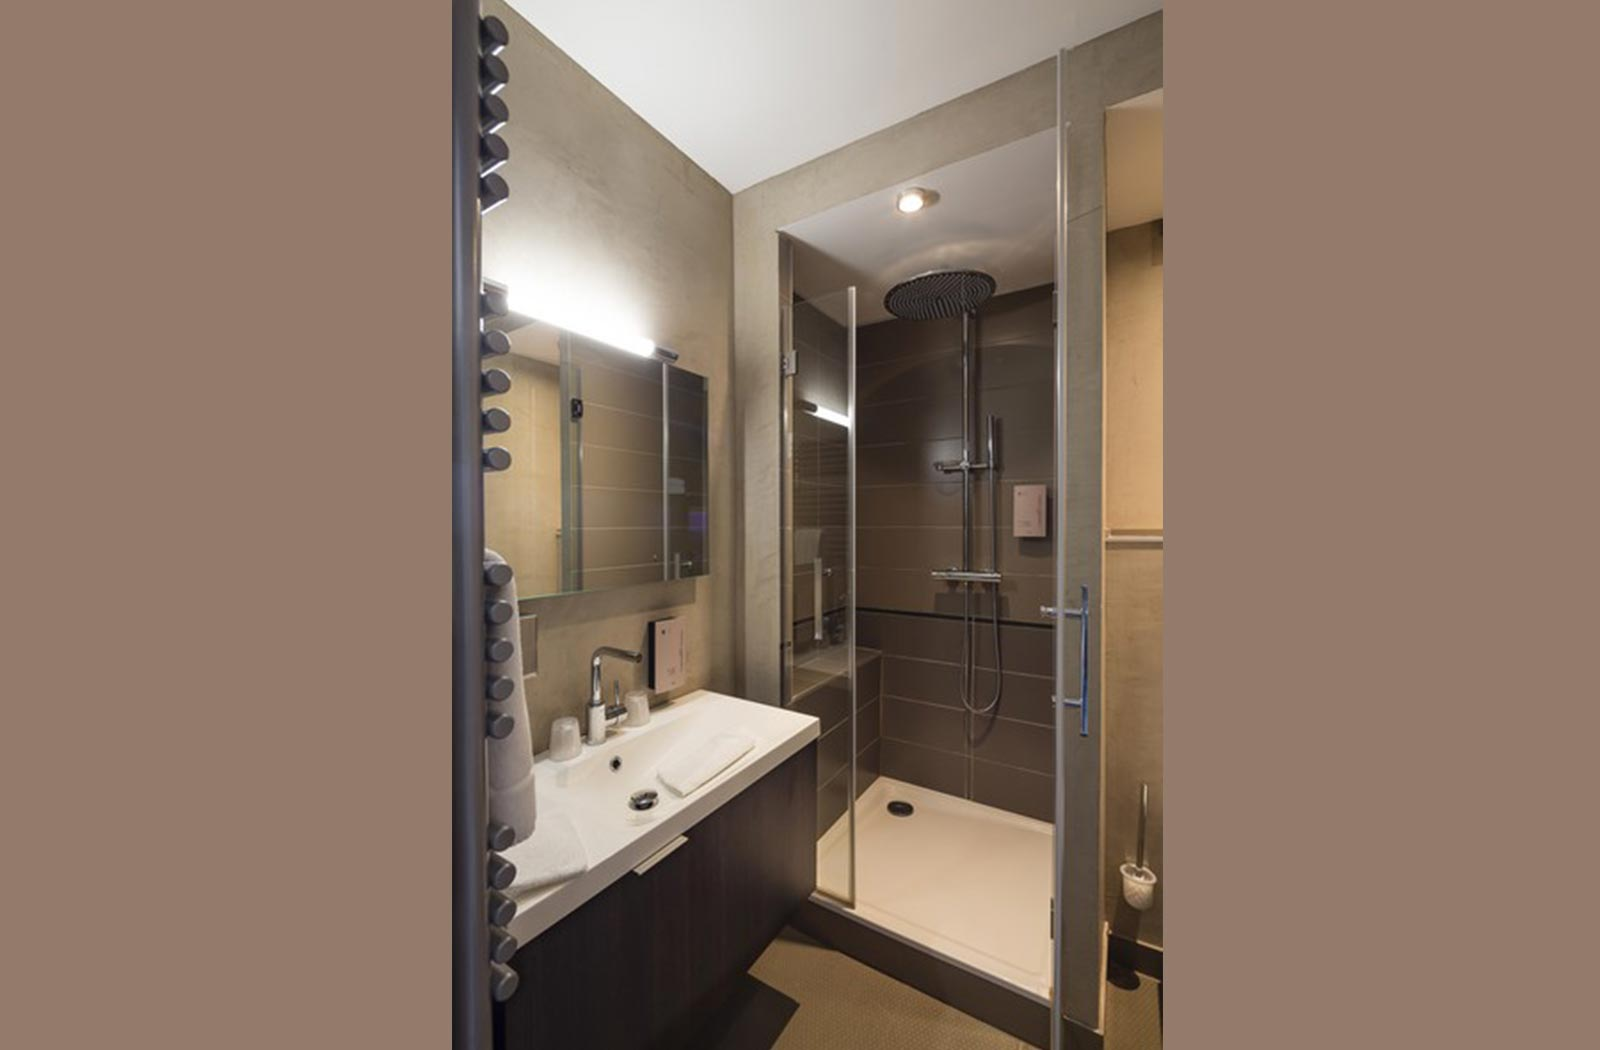 Salle de bain - Chambre harmonie hôtel La montagne de Brancion entre Tournus et Cluny